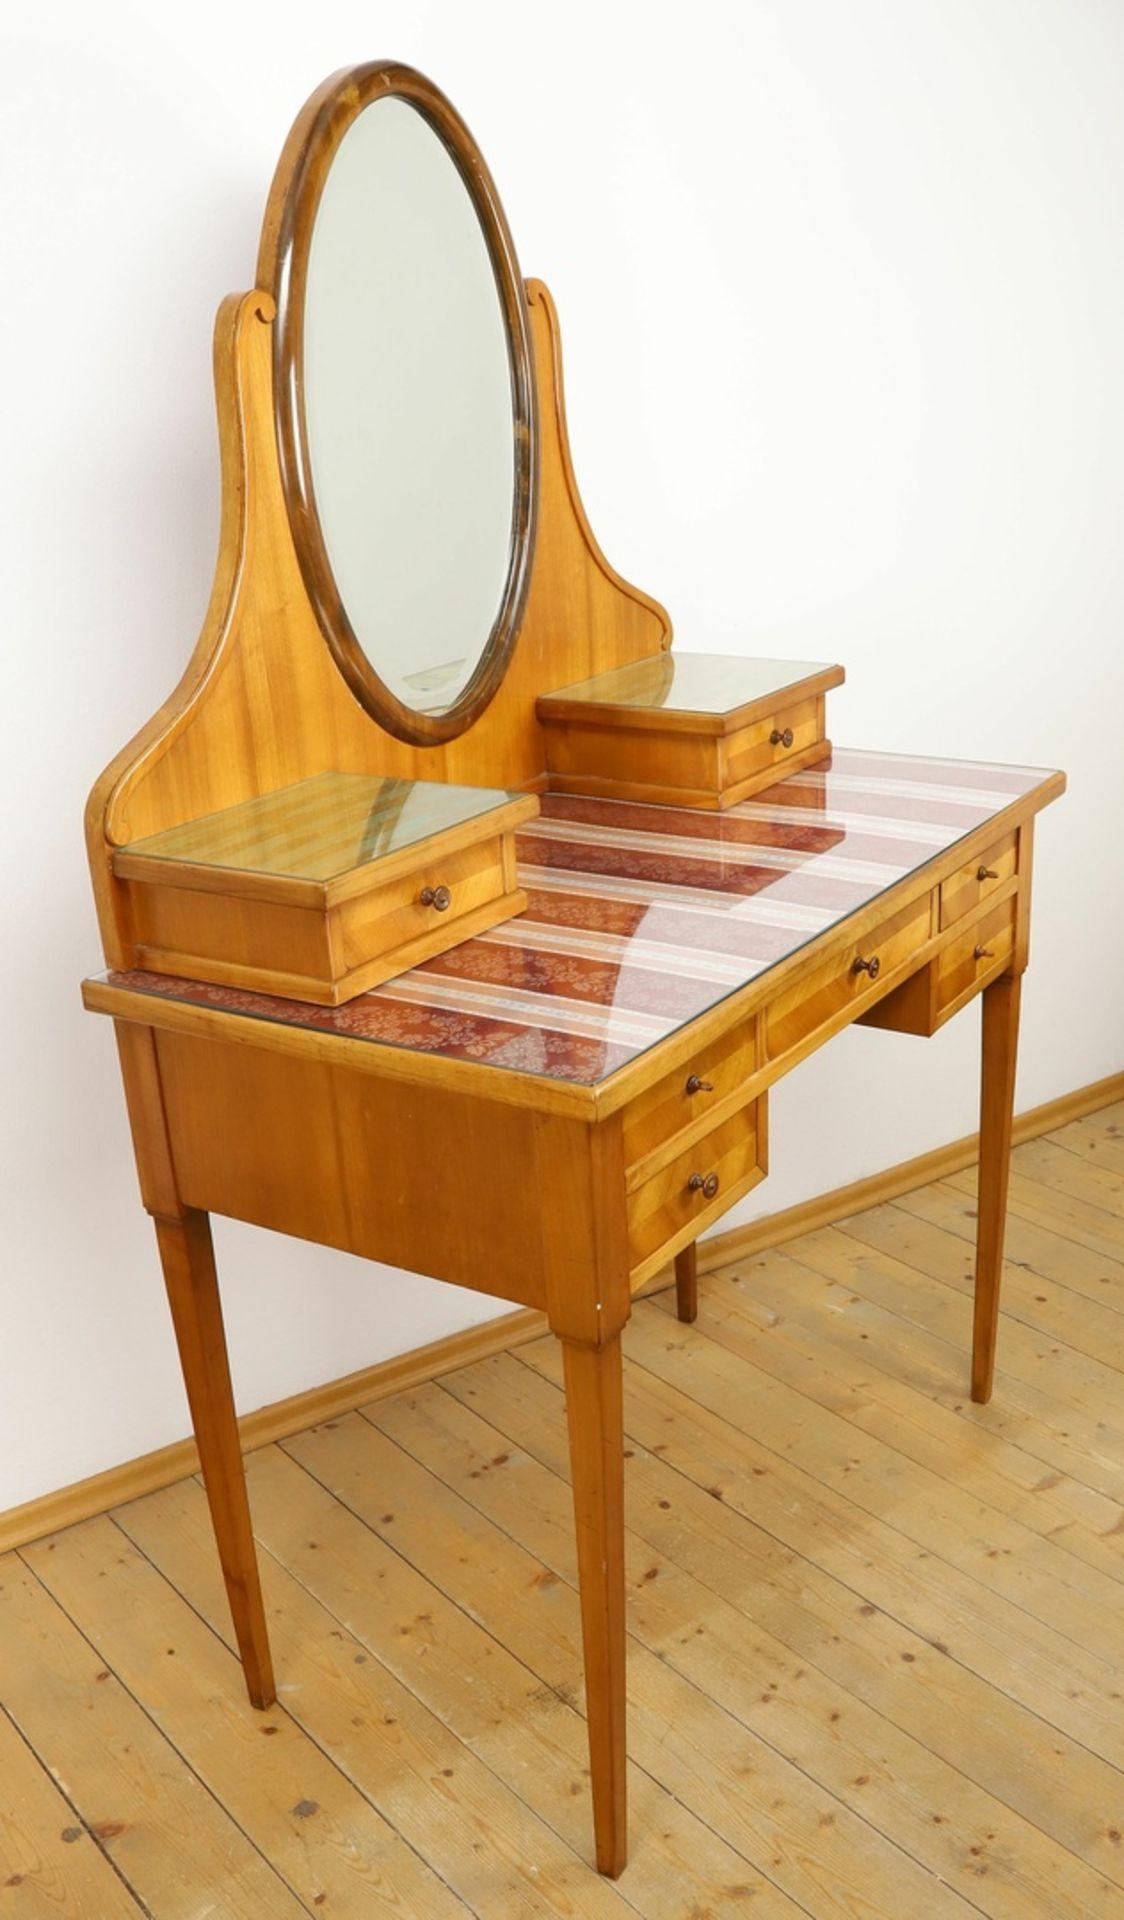 Frisierkommode mit Aufsatzspiegel und Stuhl - Bild 2 aus 8